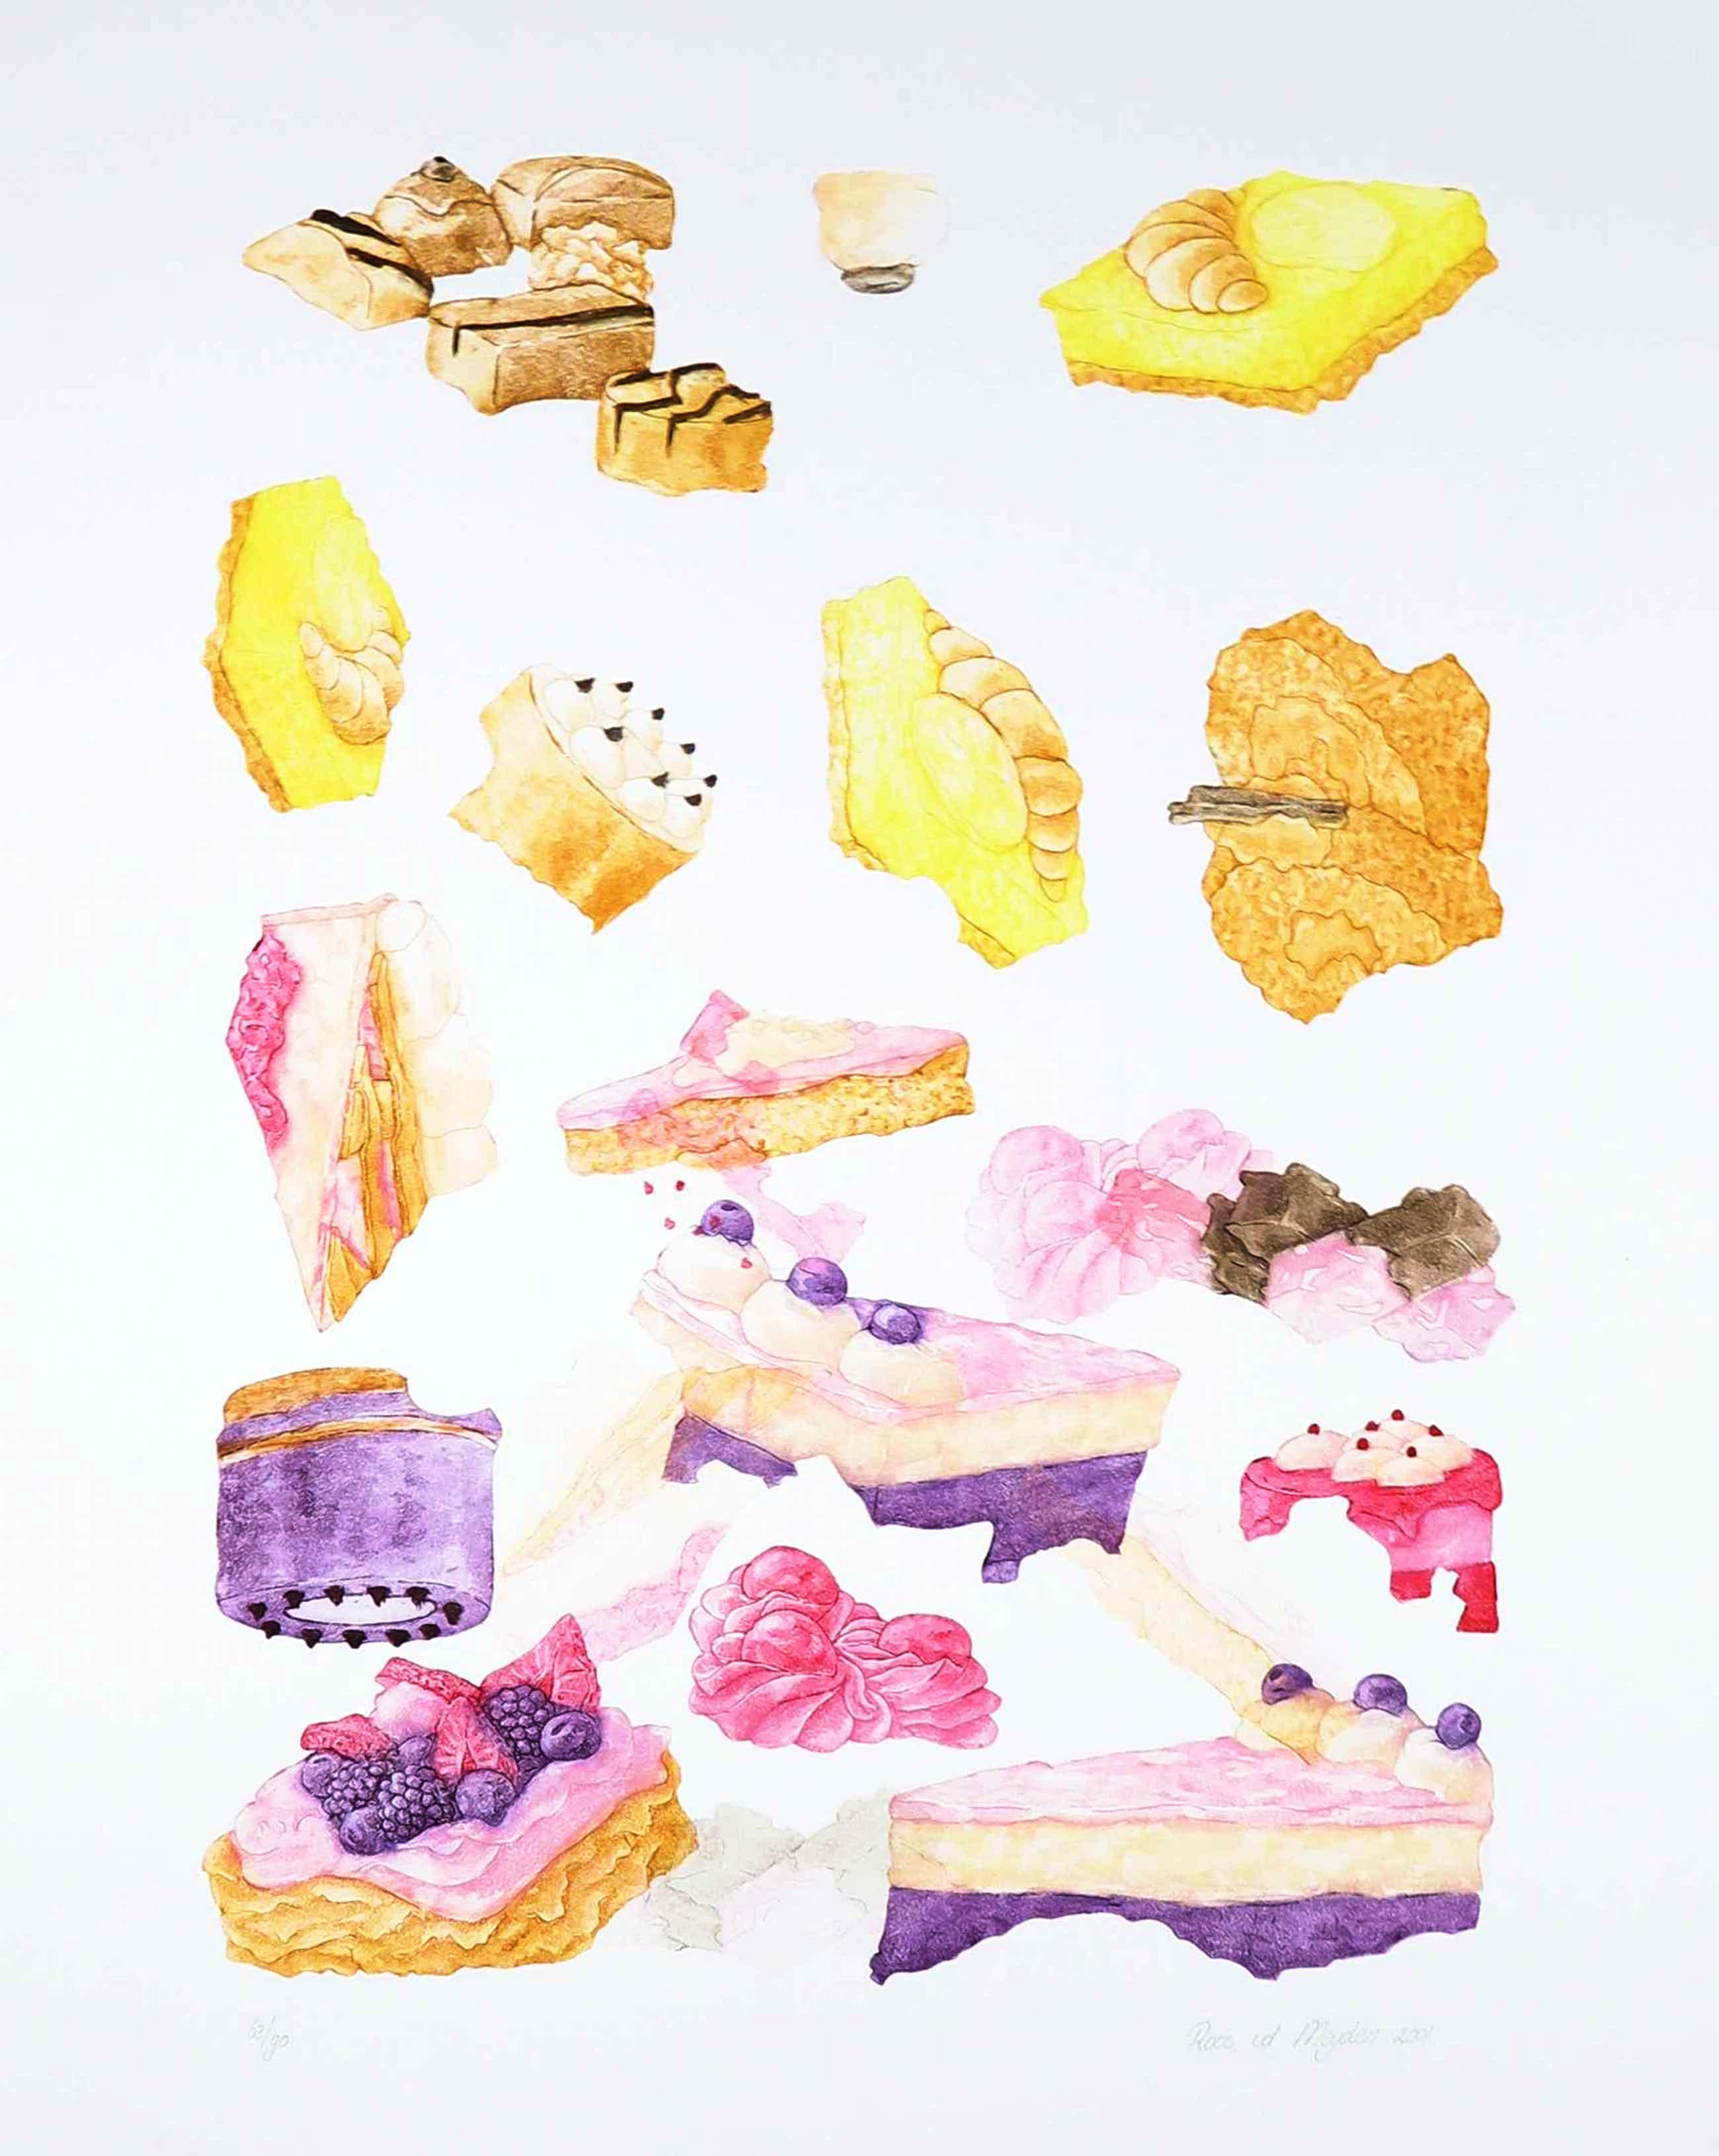 Roos van der Meijden - Ets, Piece of cake kopen? Bied vanaf 1!